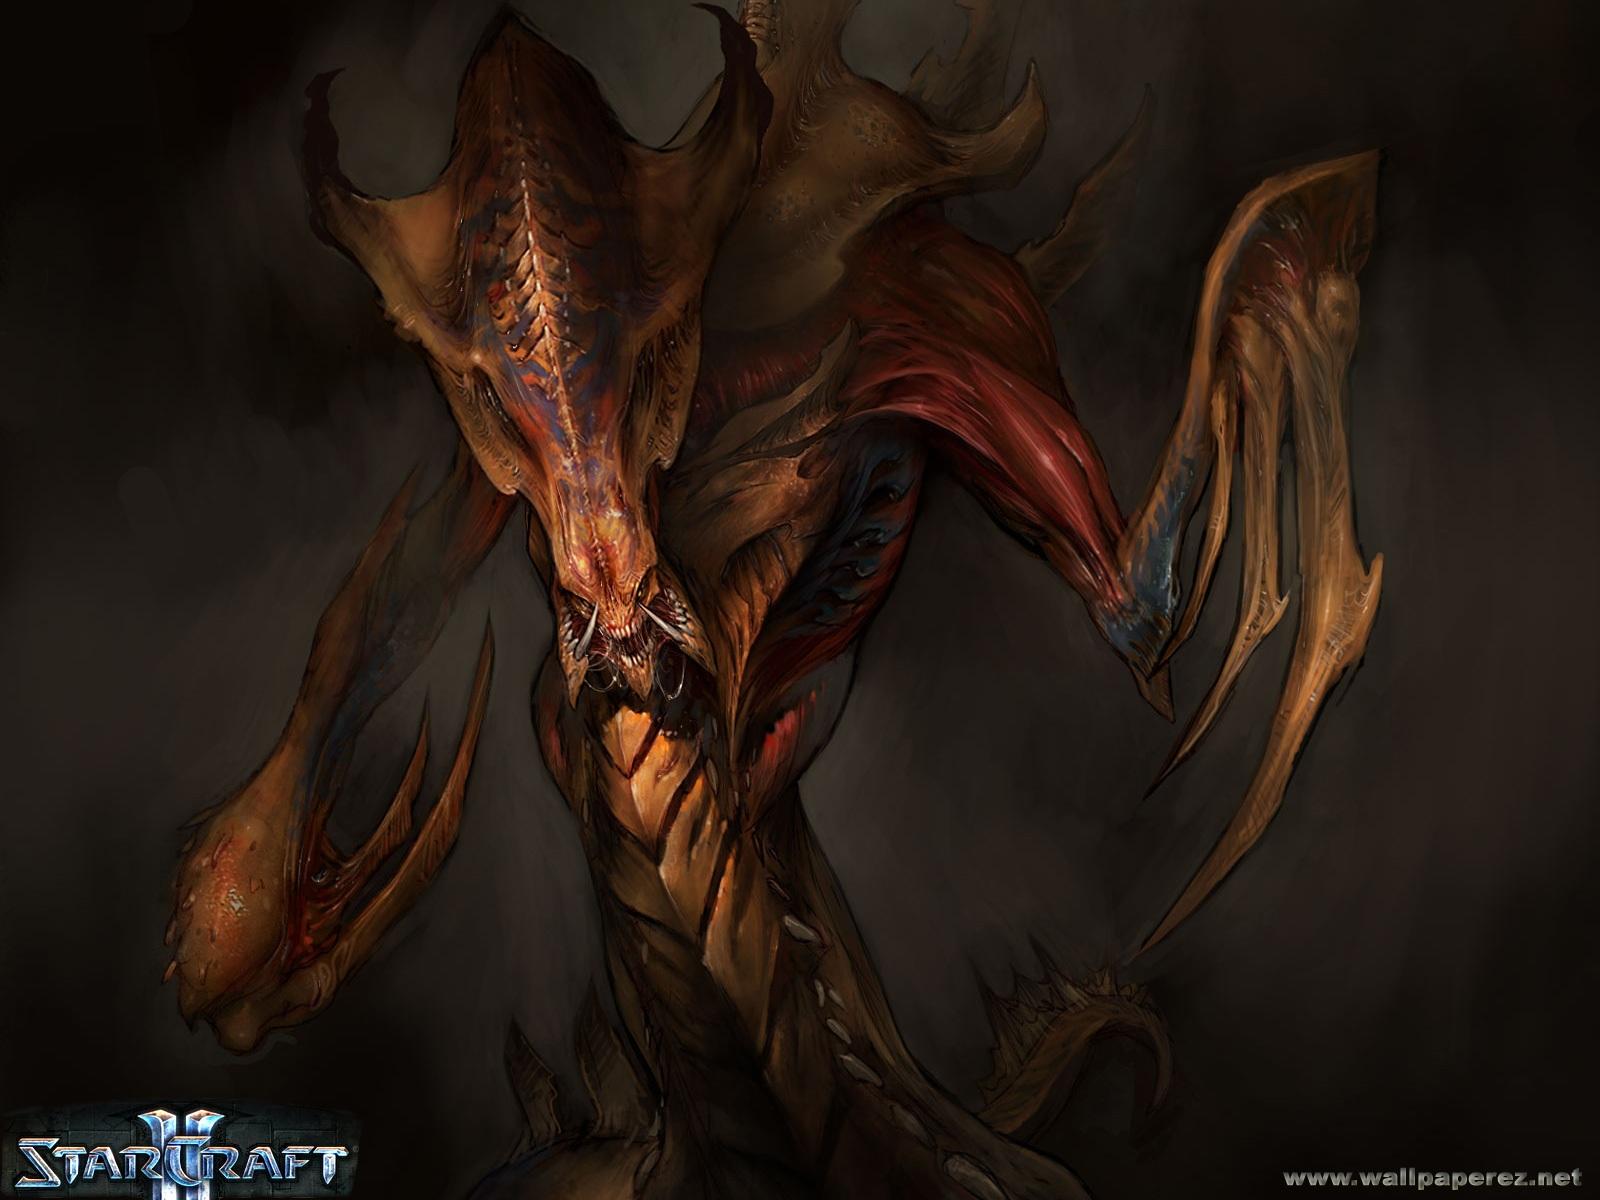 http://www.digimedia.ru/UserFiles/01.06.09/starcraft-2-zerg.jpg